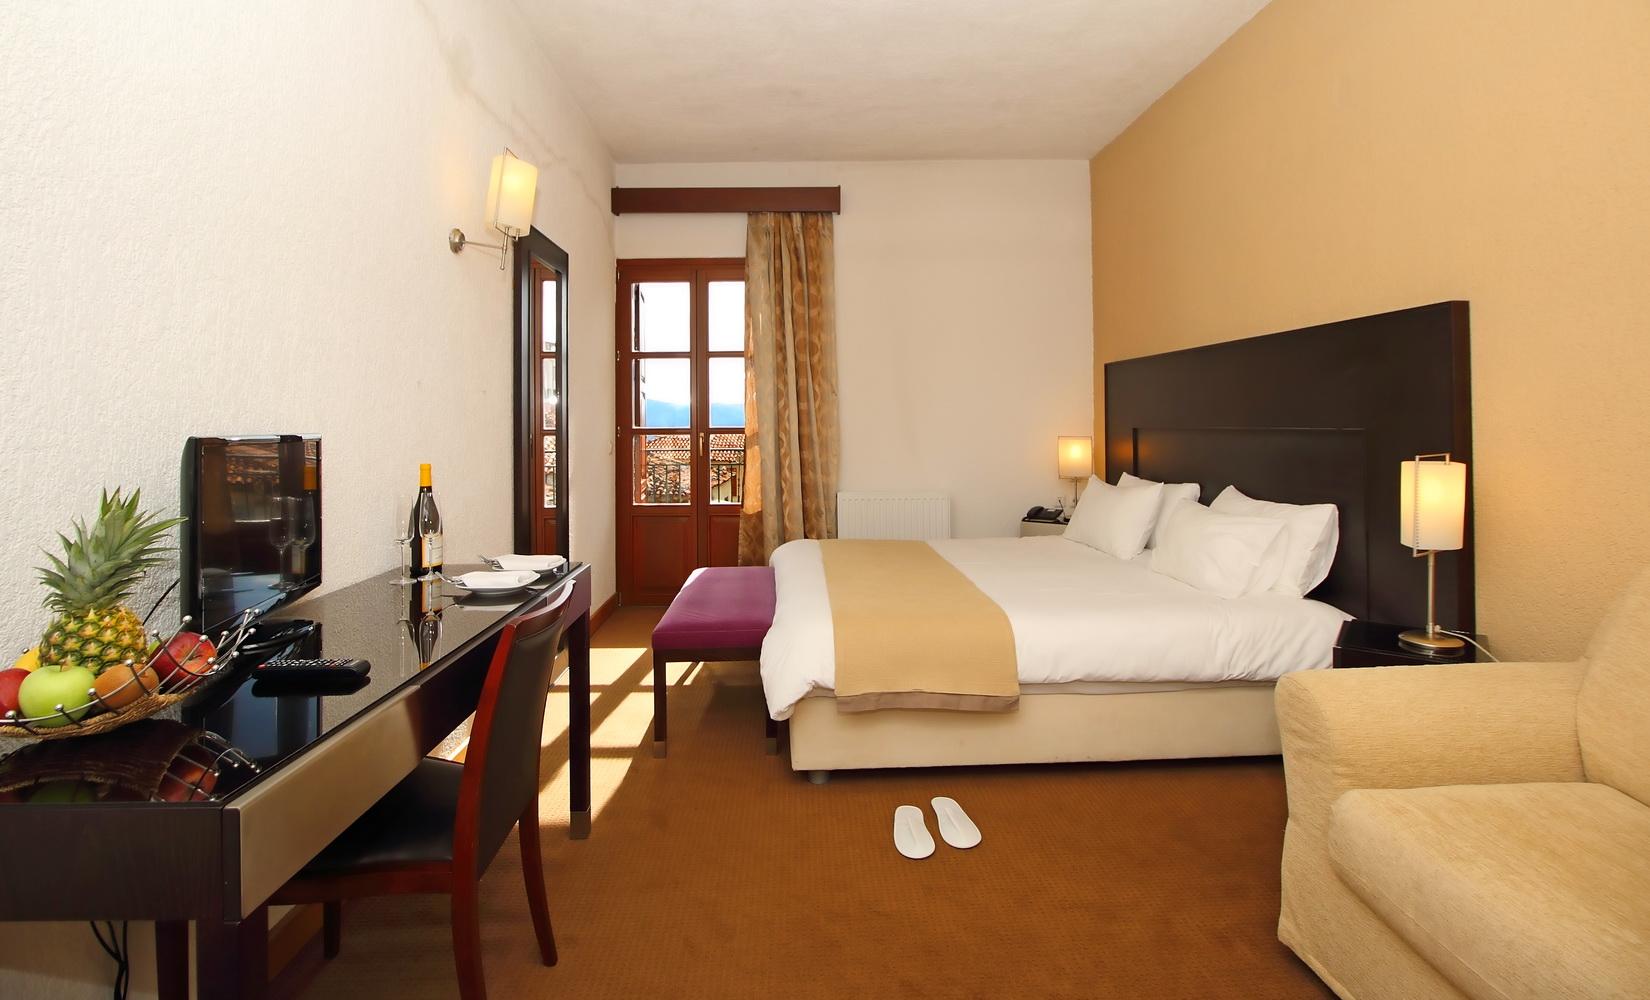 PARNASSIA HOTEL ROOM 2